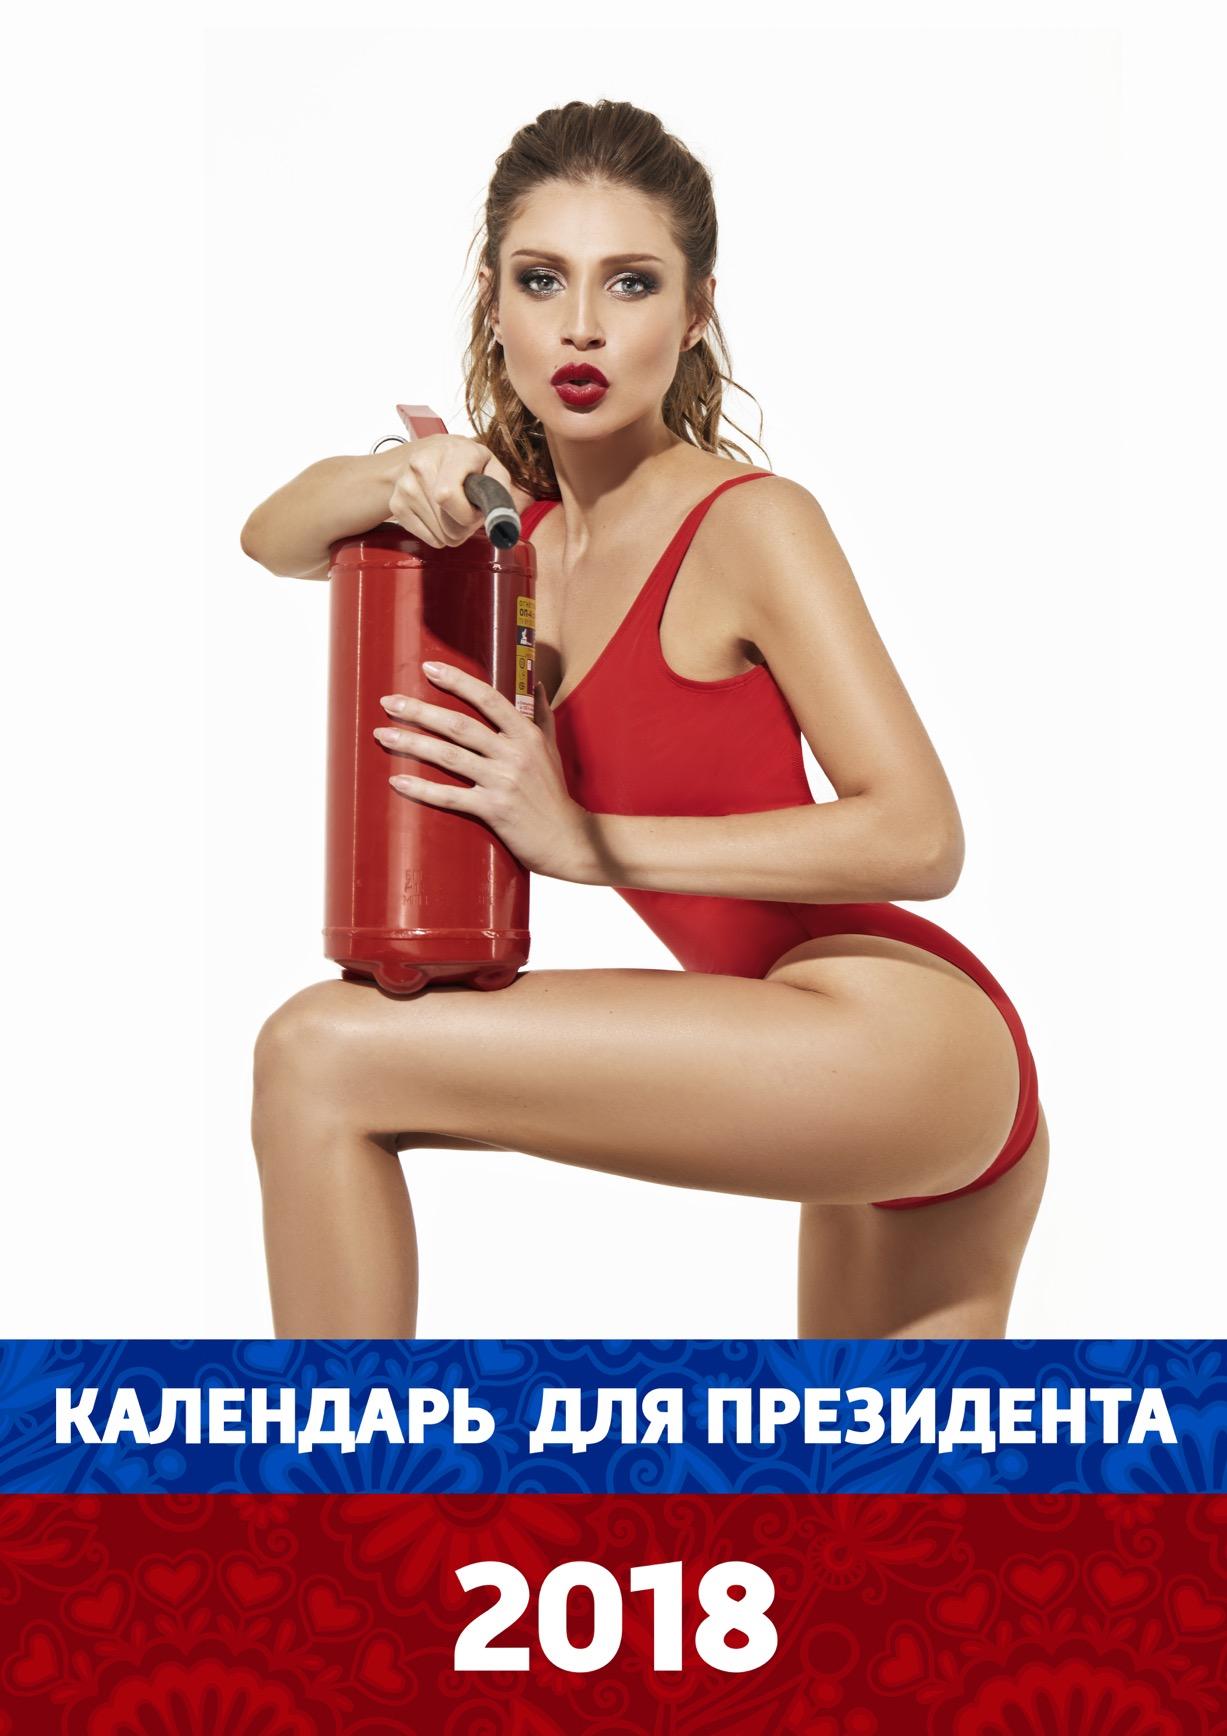 Наталья Соболева календарь